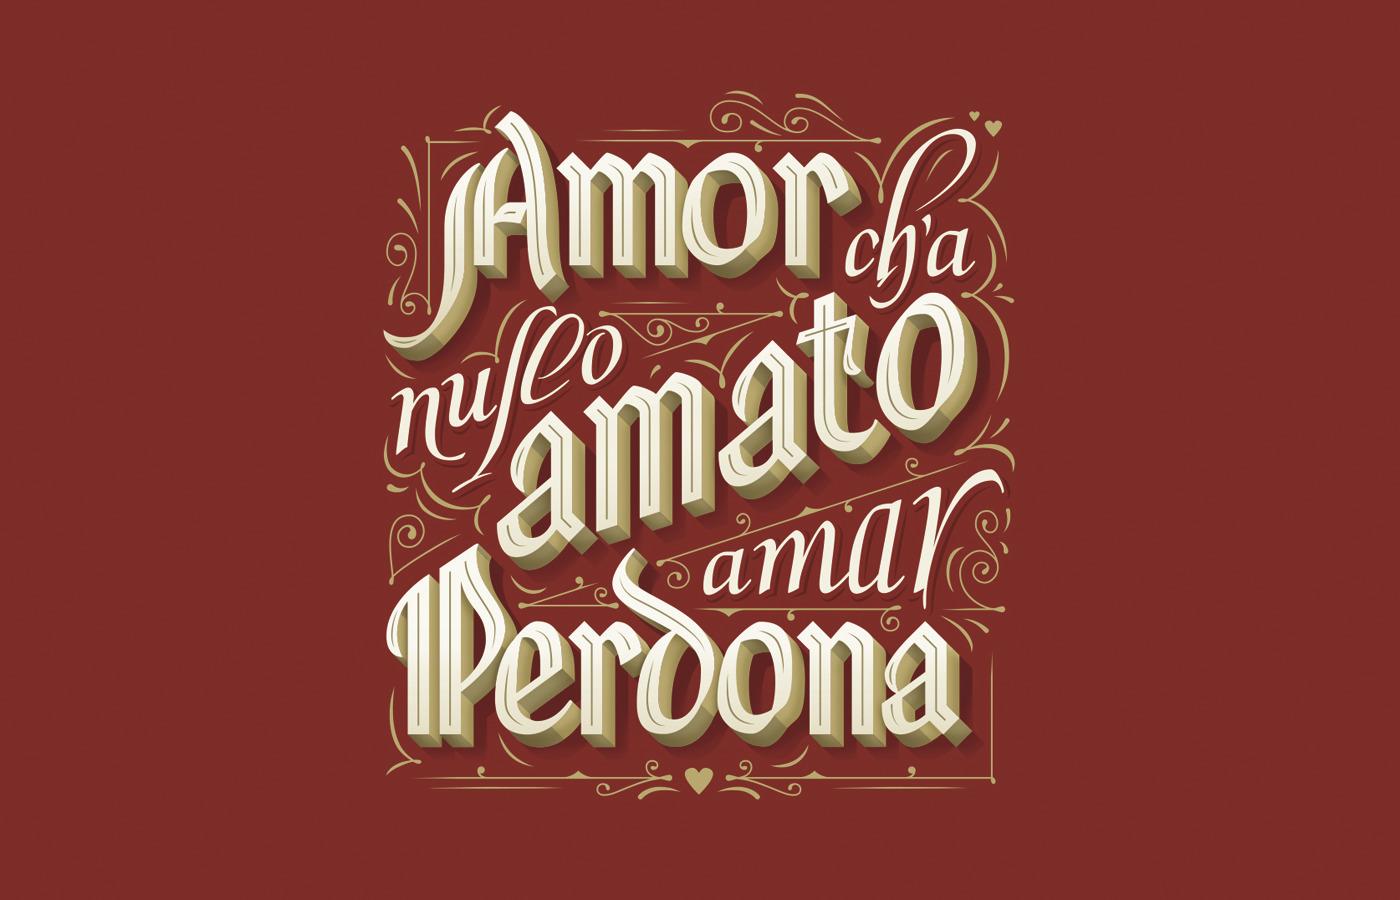 Amor ch'a nullo amato amar perdona